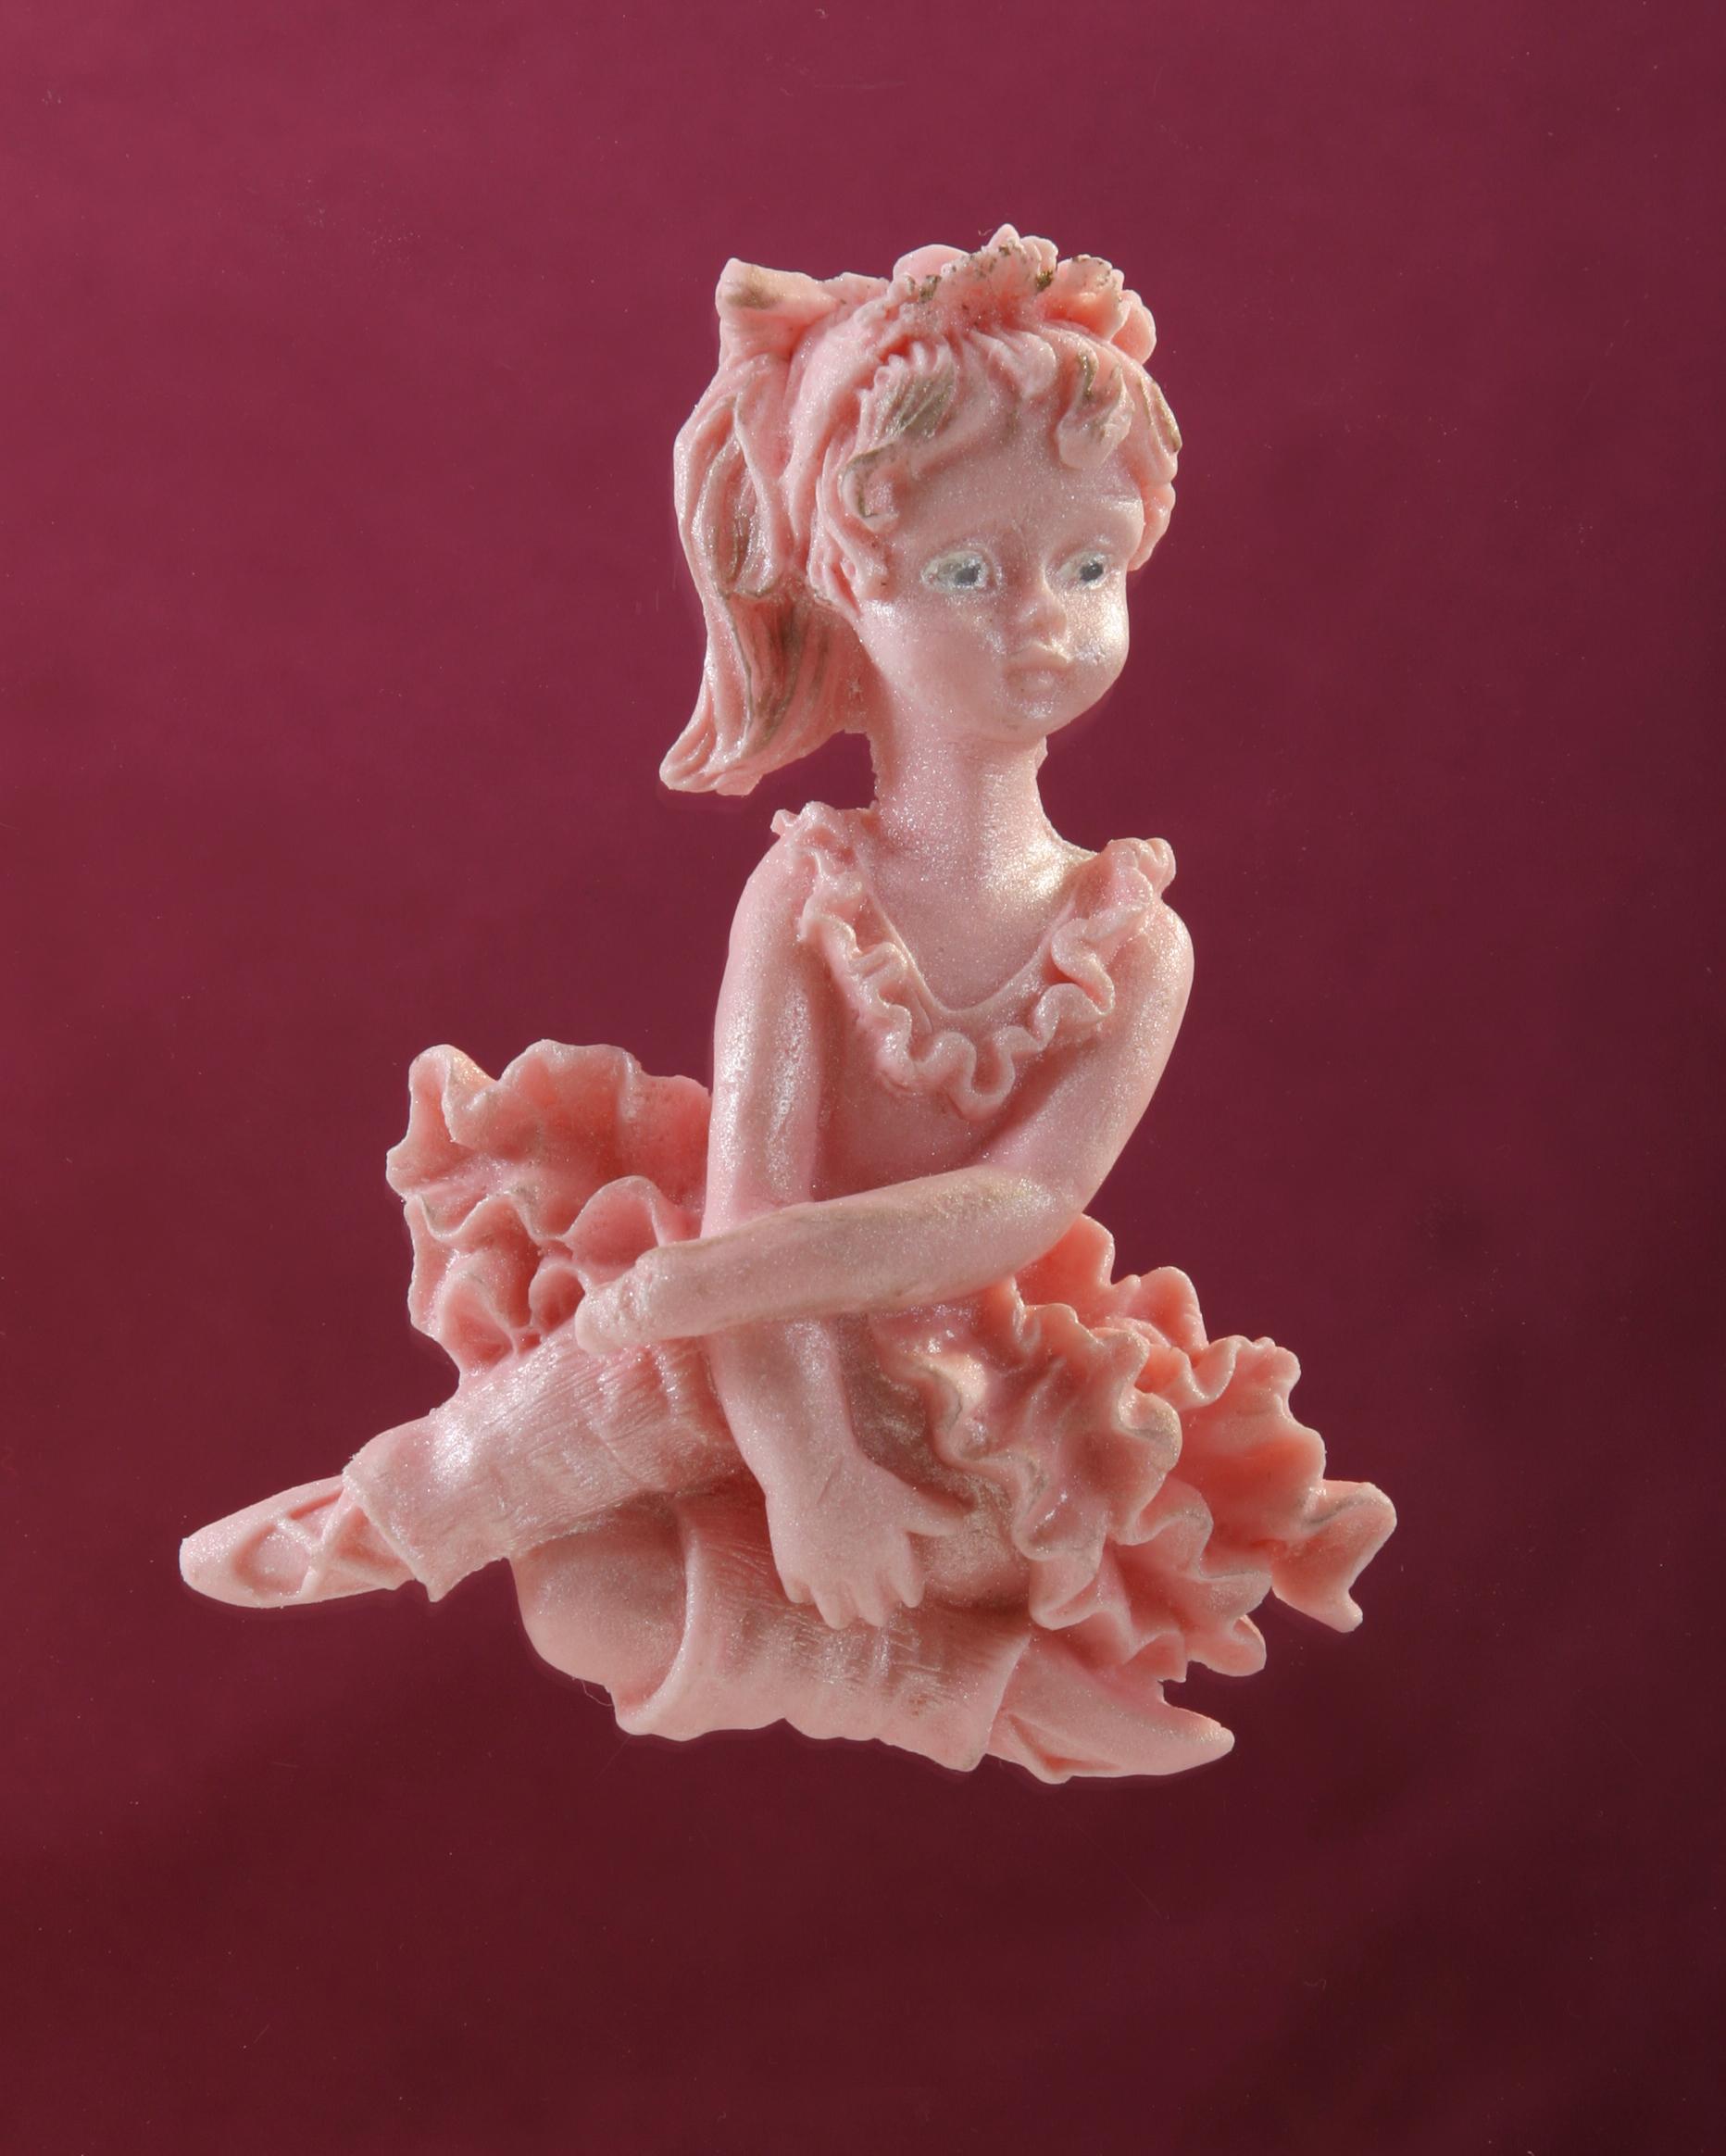 קישוטי סוכר-רקדנית יושבת